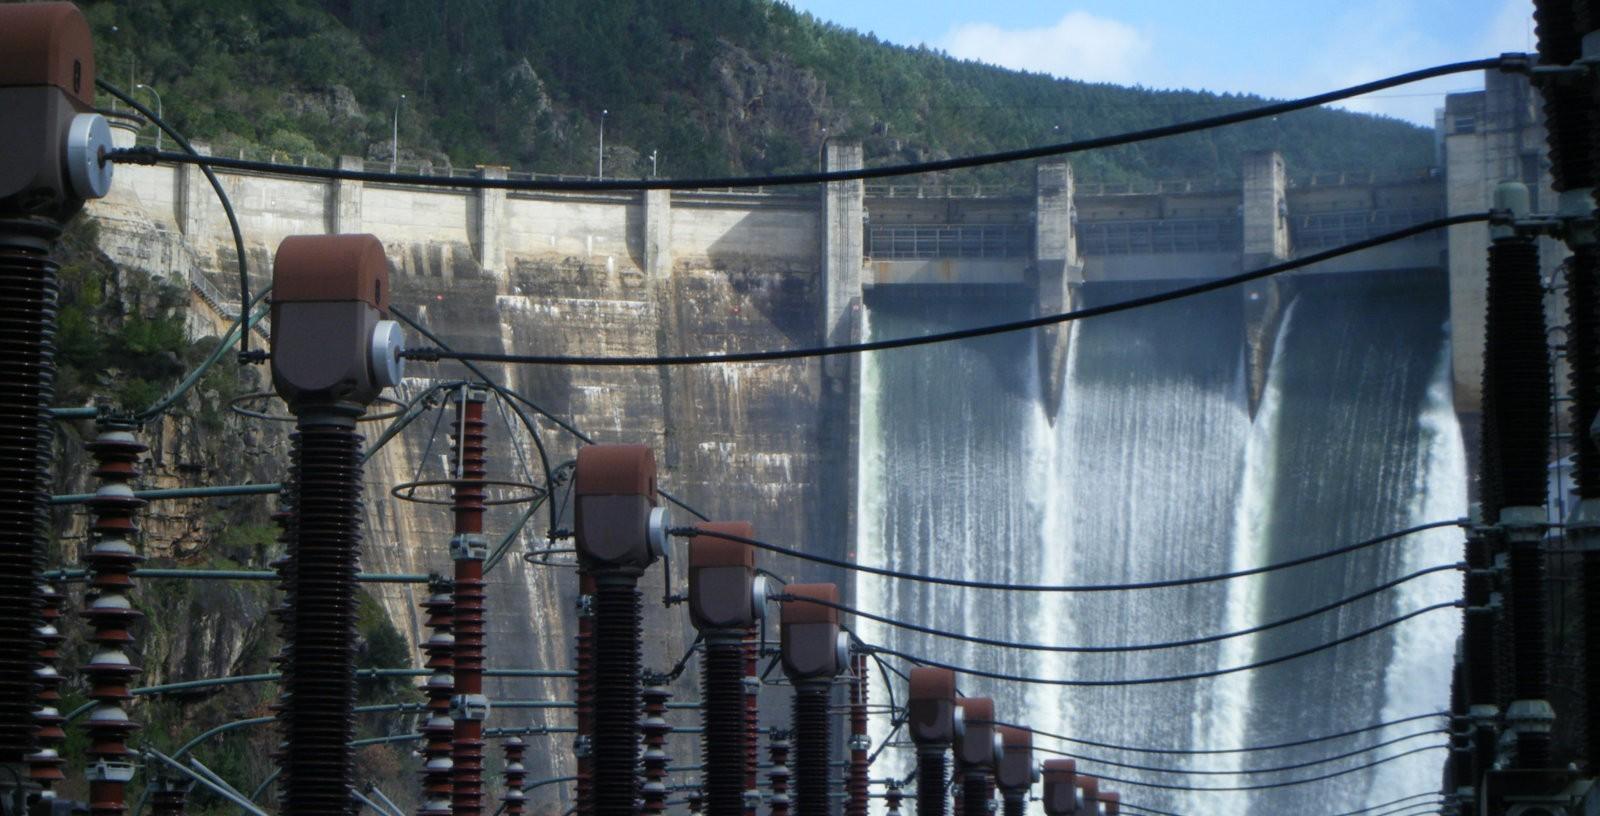 Sa_Esteban_II_Hydropower_Plant_Spain_Iberdrola_IDOM_01